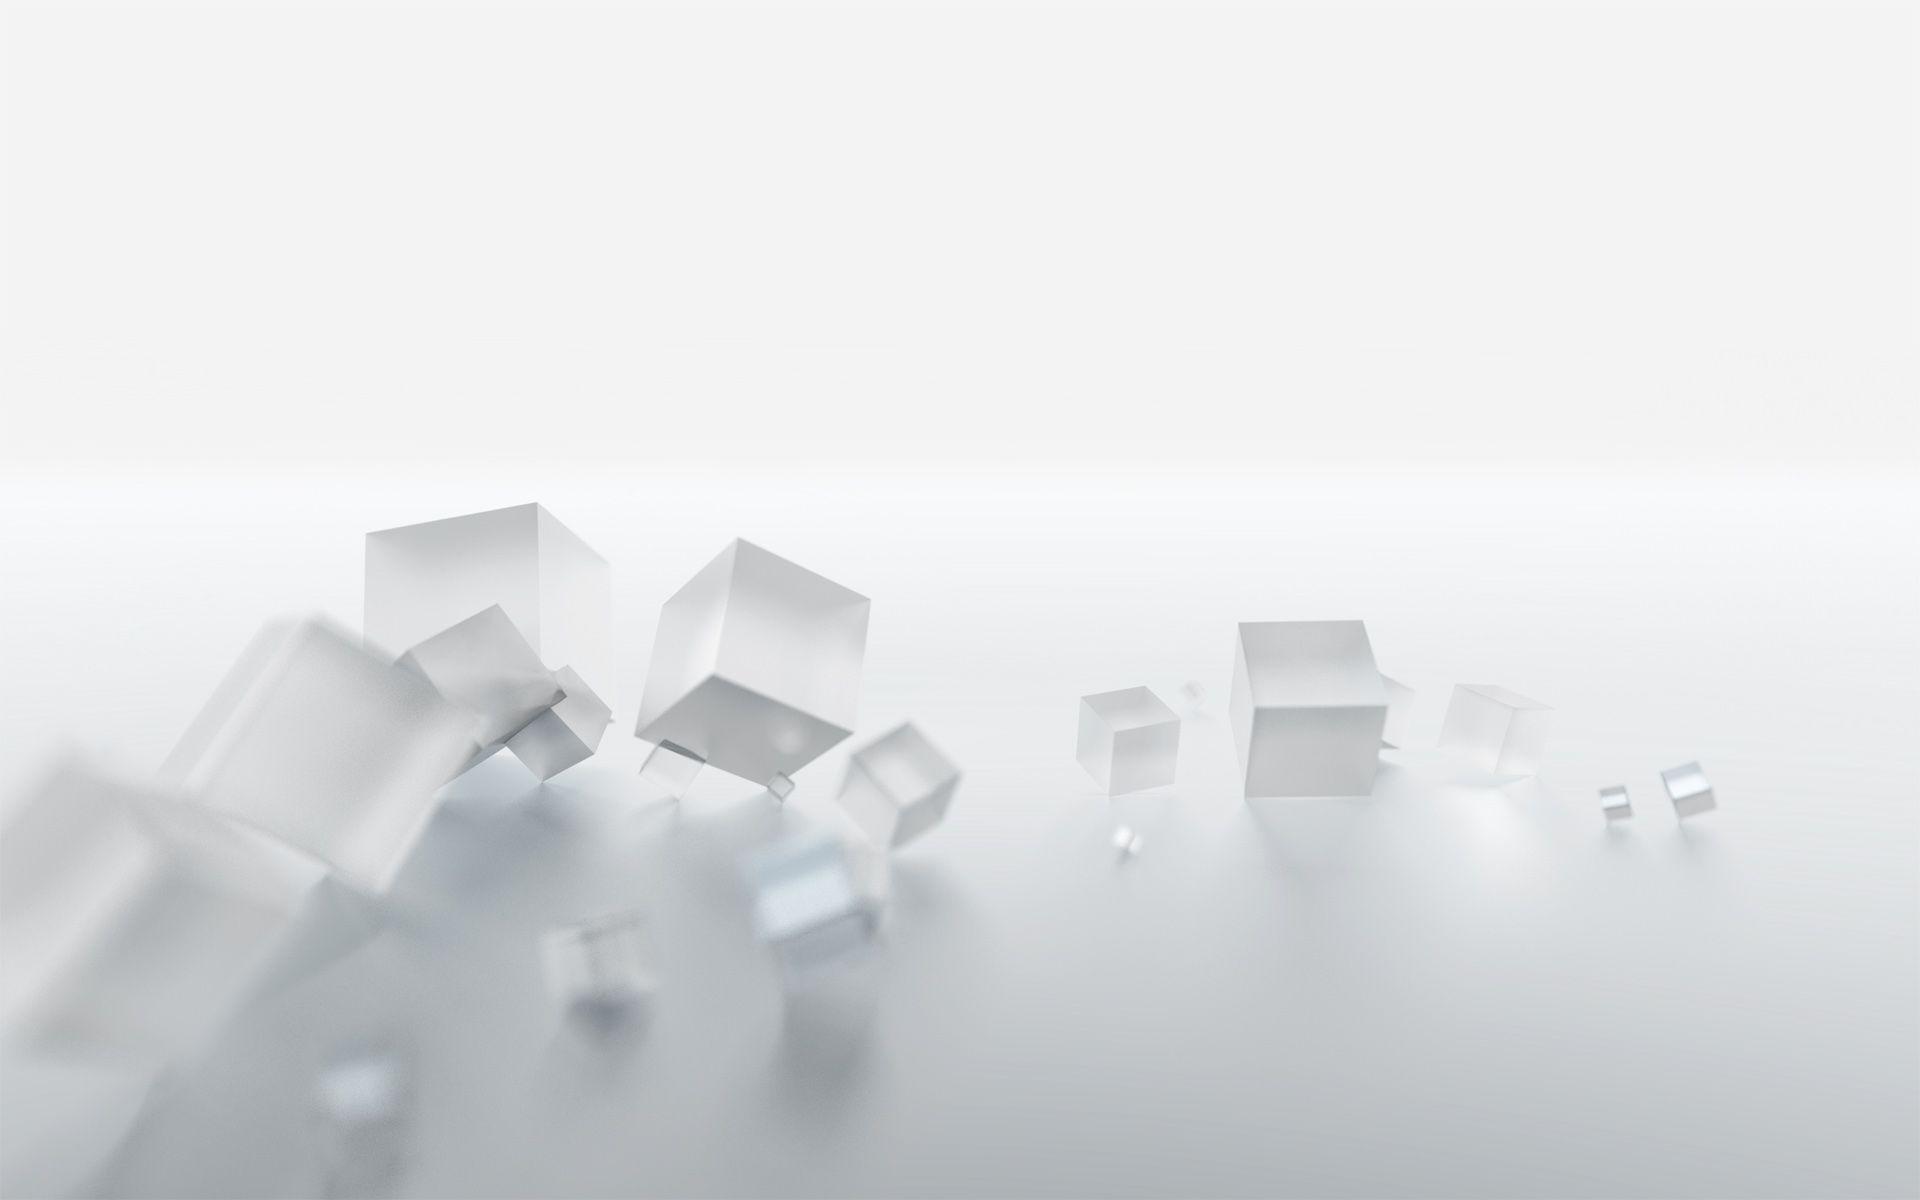 Squares Cubes おしゃれまとめの人気アイデア Pinterest まめつぶ 壁紙 Pc 壁紙 壁紙 白